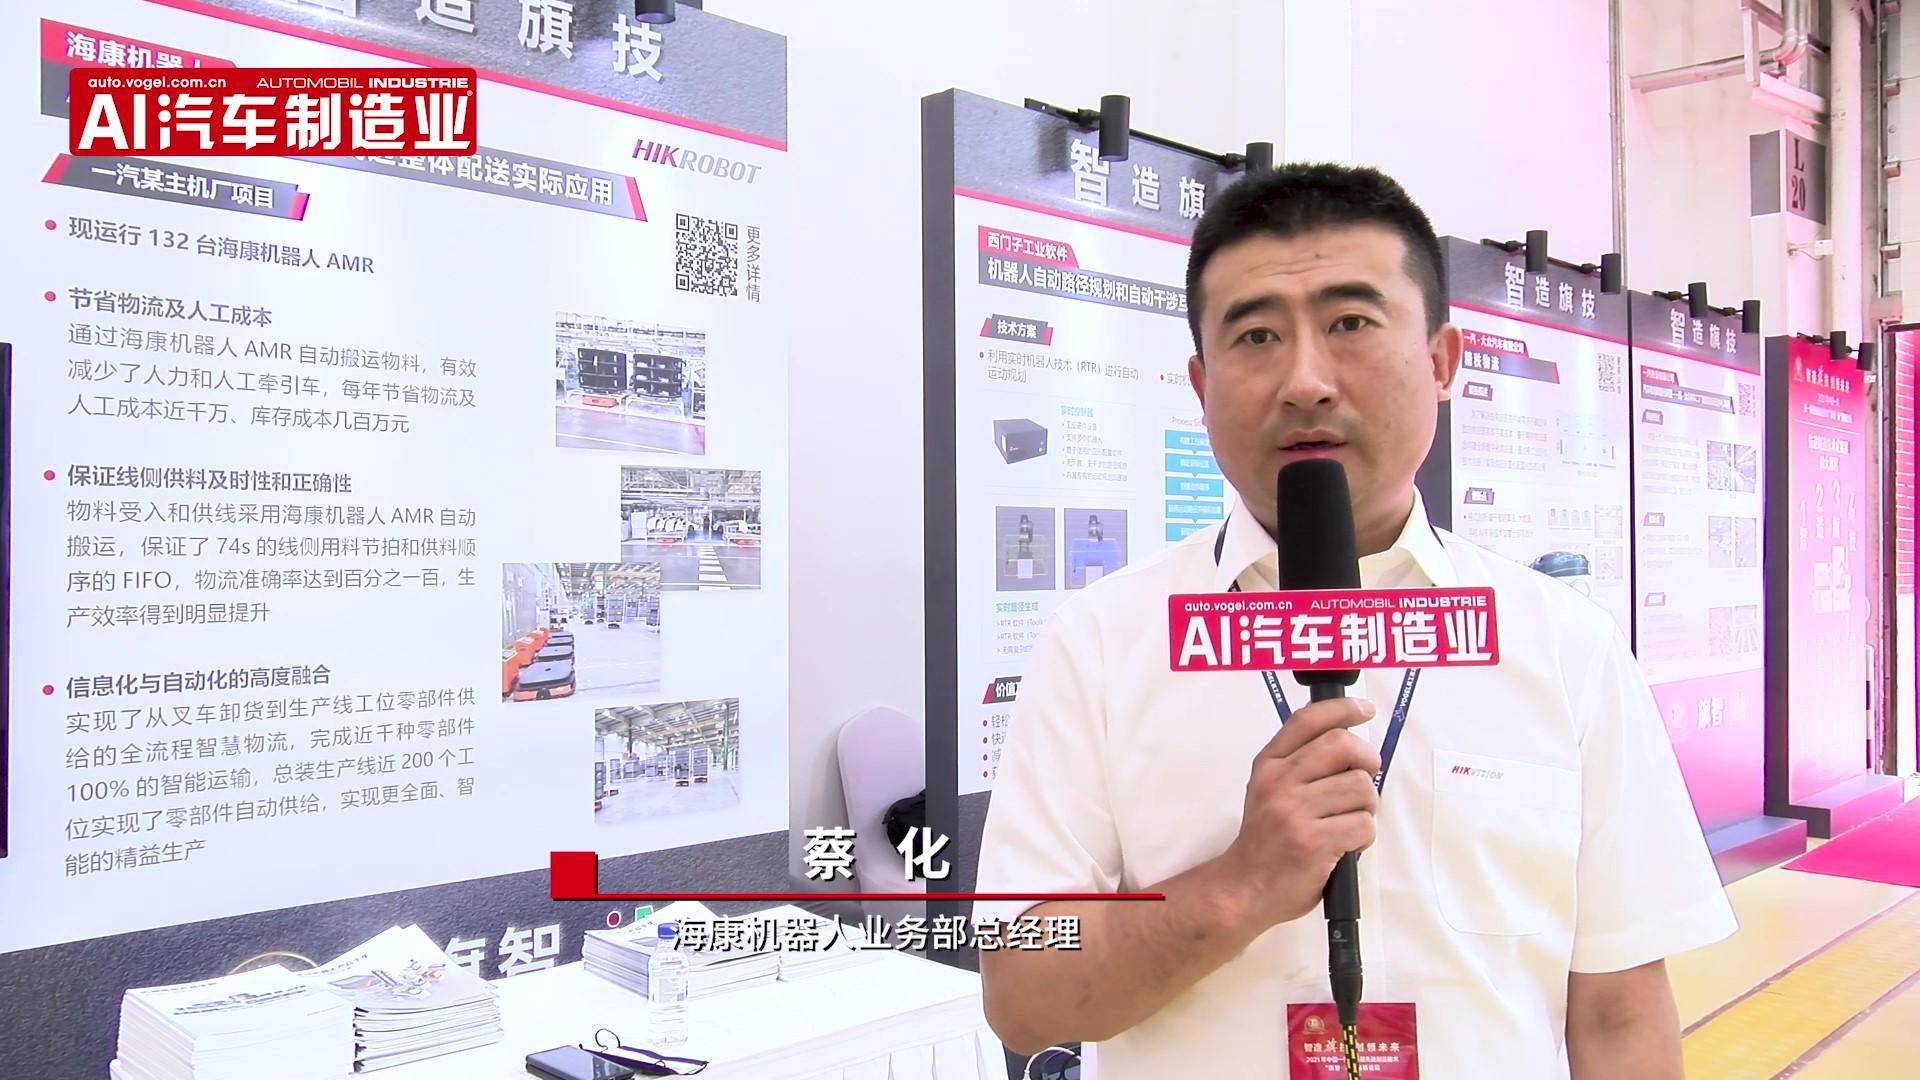 海康机器人业务部总经理蔡化